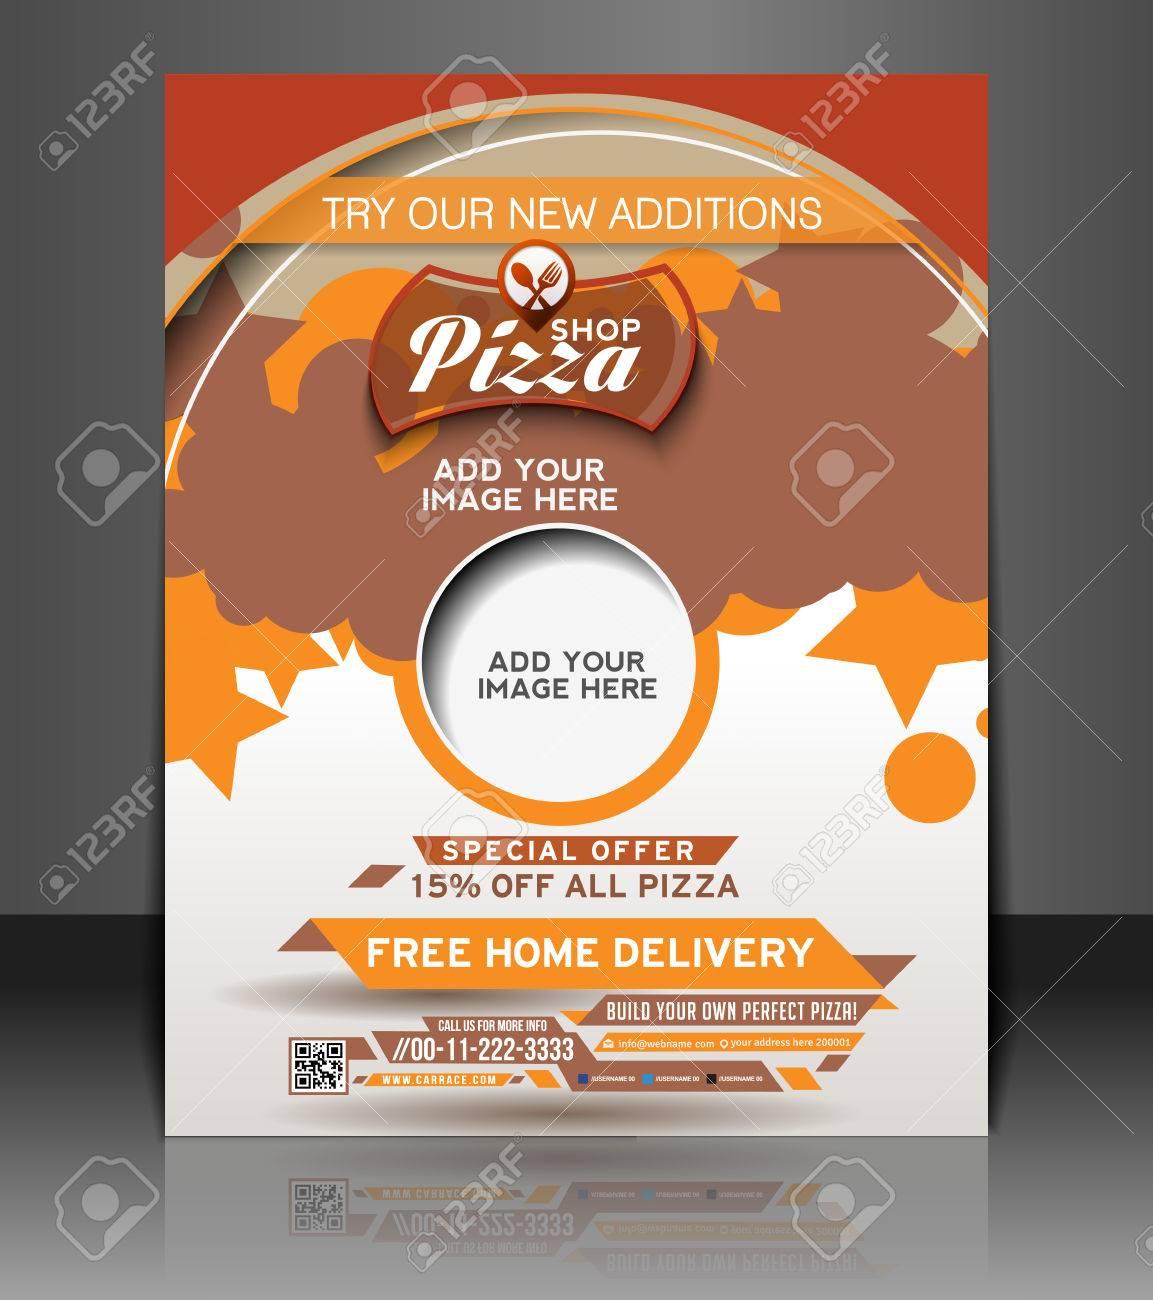 Pizza Shop Diseño Cartel De Plantilla Flyer Ilustraciones ...